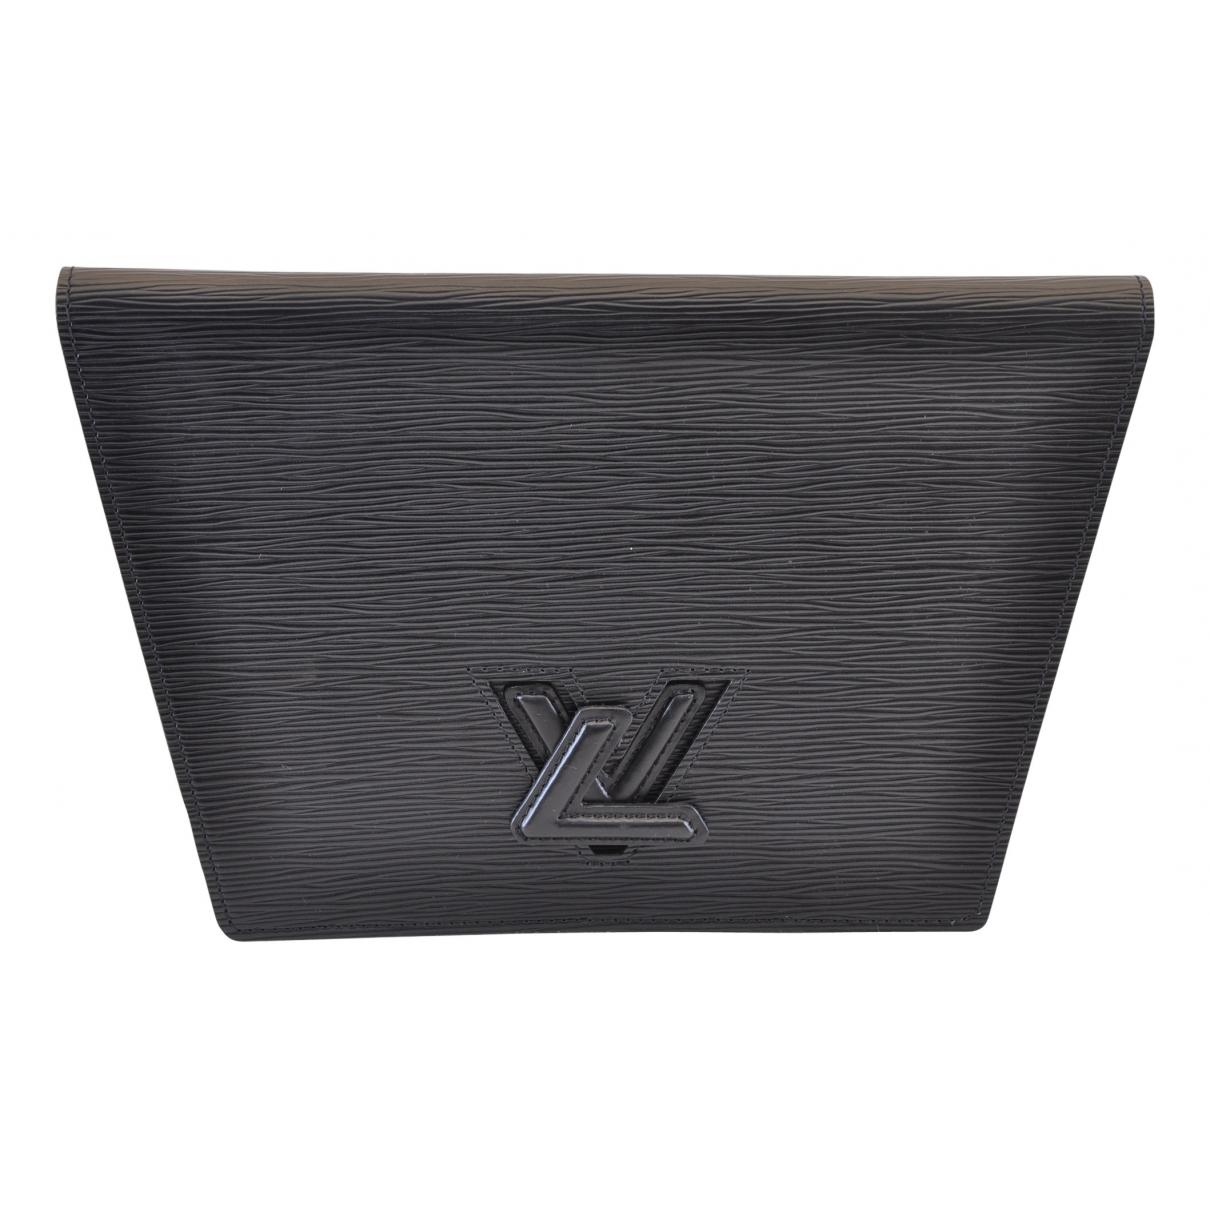 Pochette de Cuero Louis Vuitton